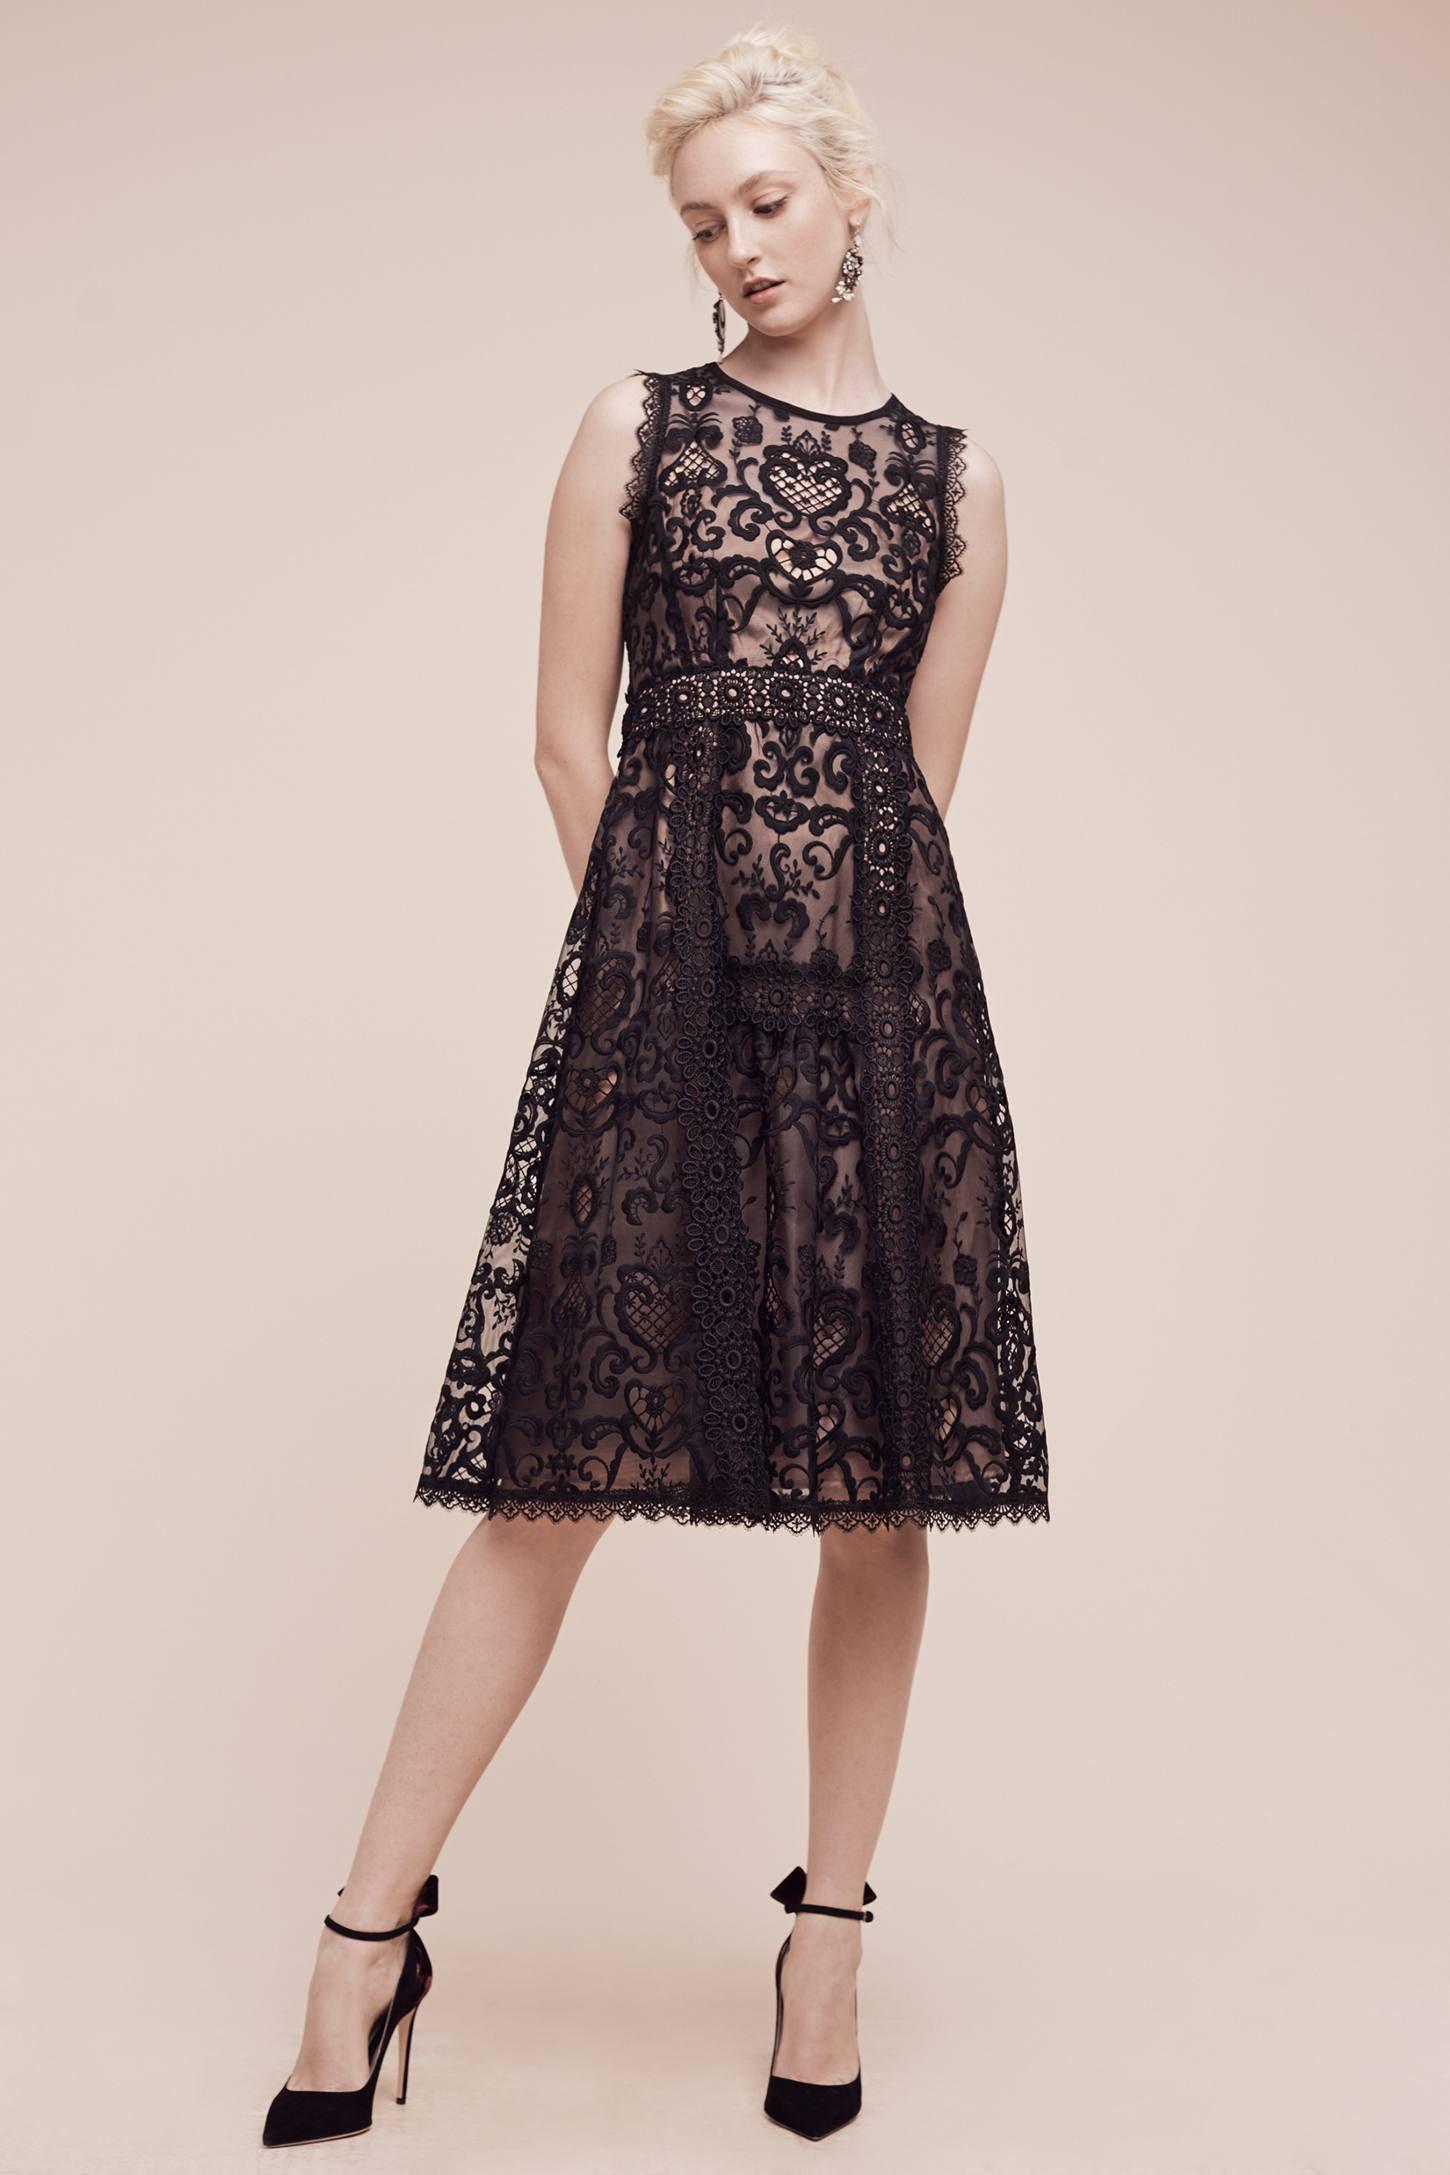 Avant Lace Dress